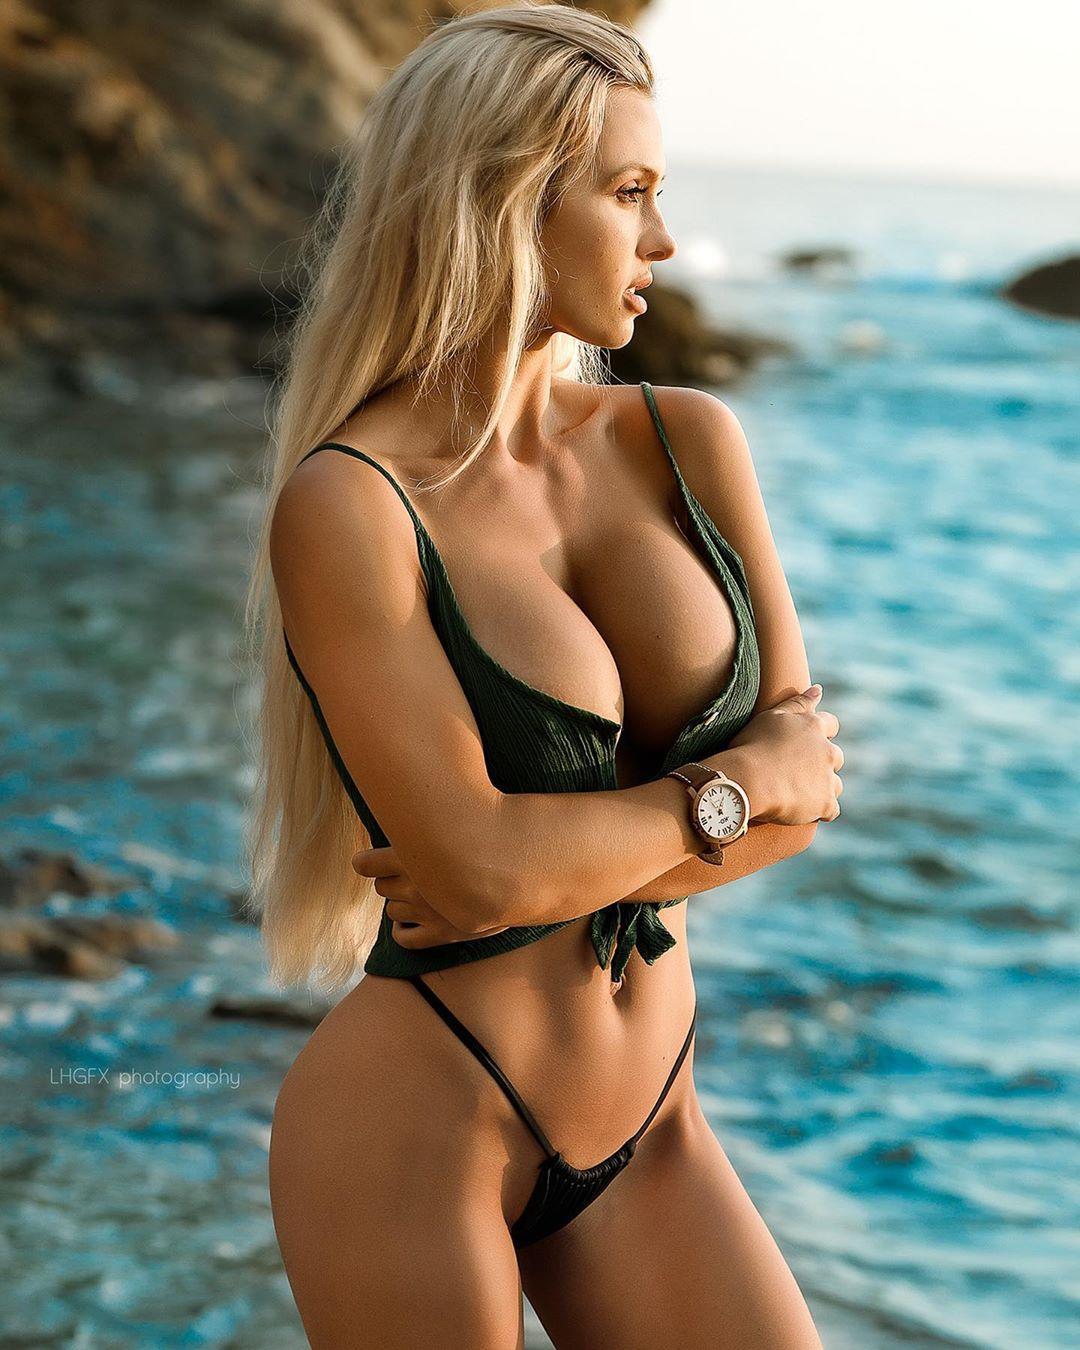 shantal monique boobs